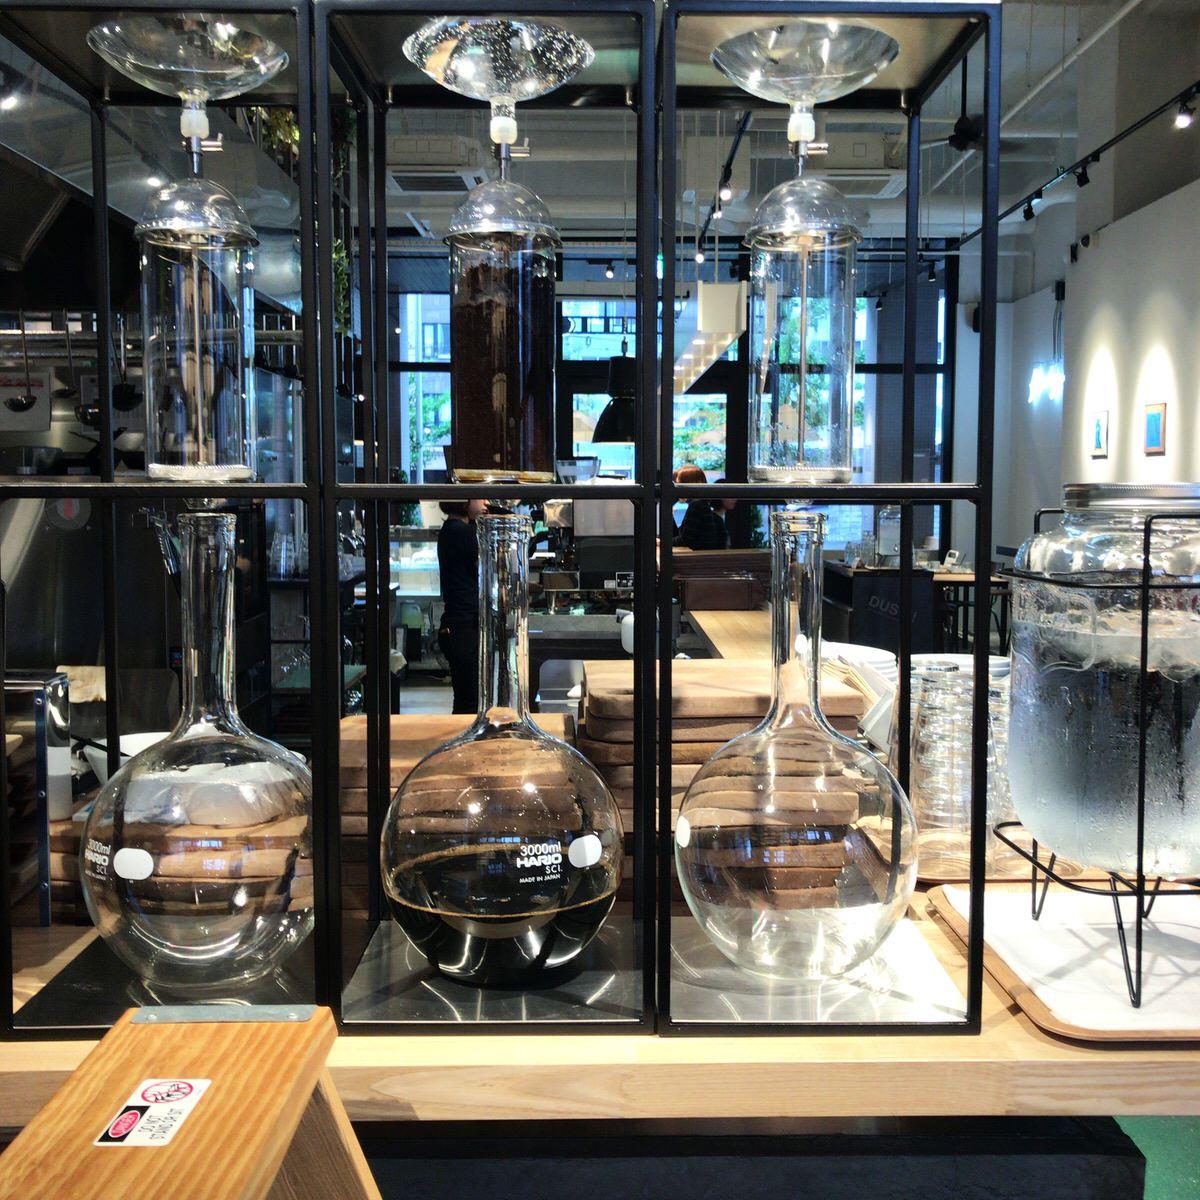 「HOTEL POTMUM STAY&COFFEE」森彦が監修したホテルとカフェ。本好きなら一度行ってみて!【札幌 カフェ 白石区菊水】